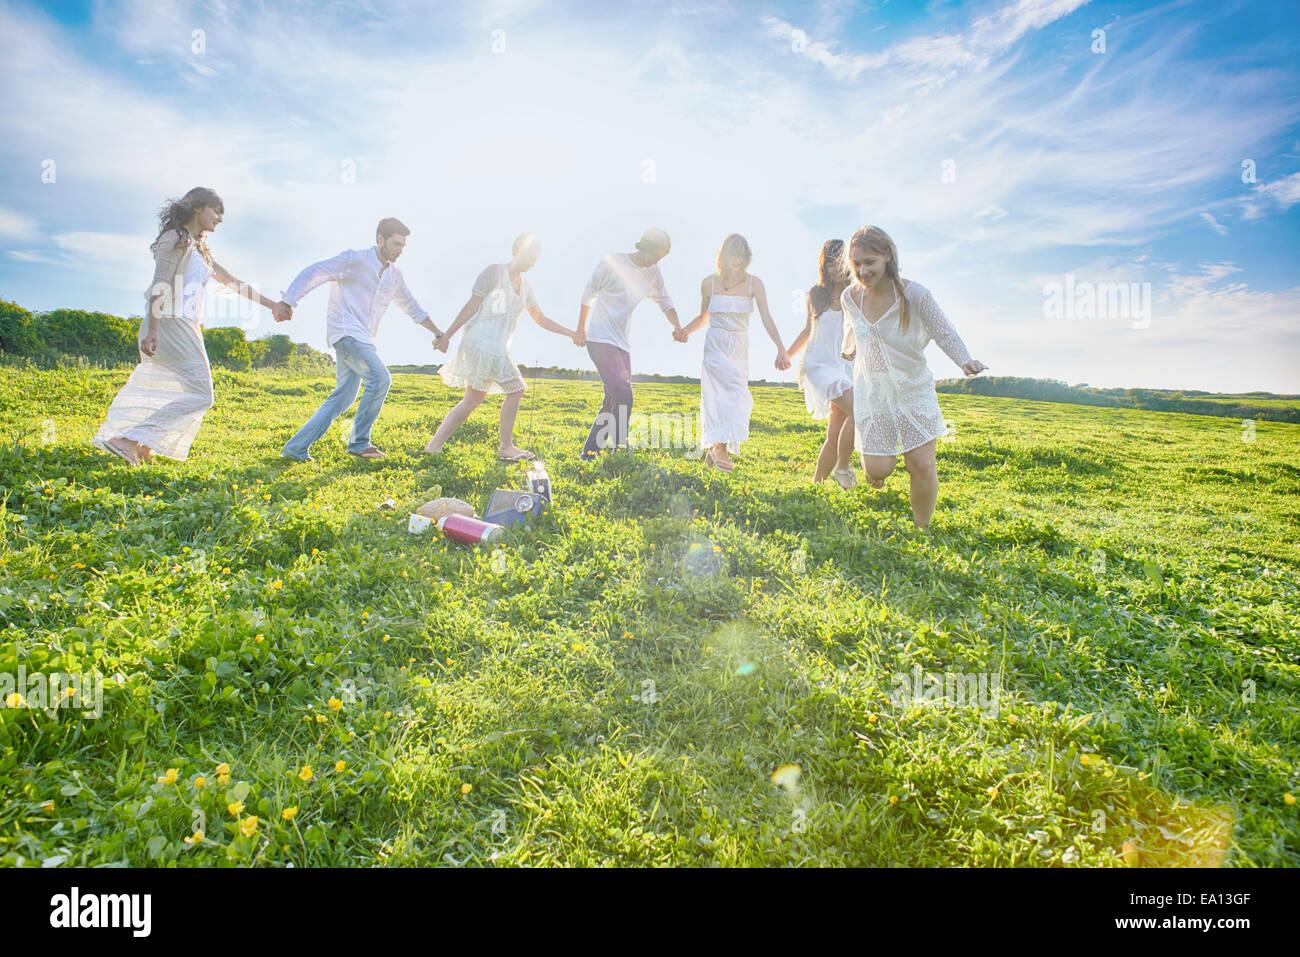 Sieben junge Erwachsene Freunde Hand in Hand und im Feld laufen Stockbild